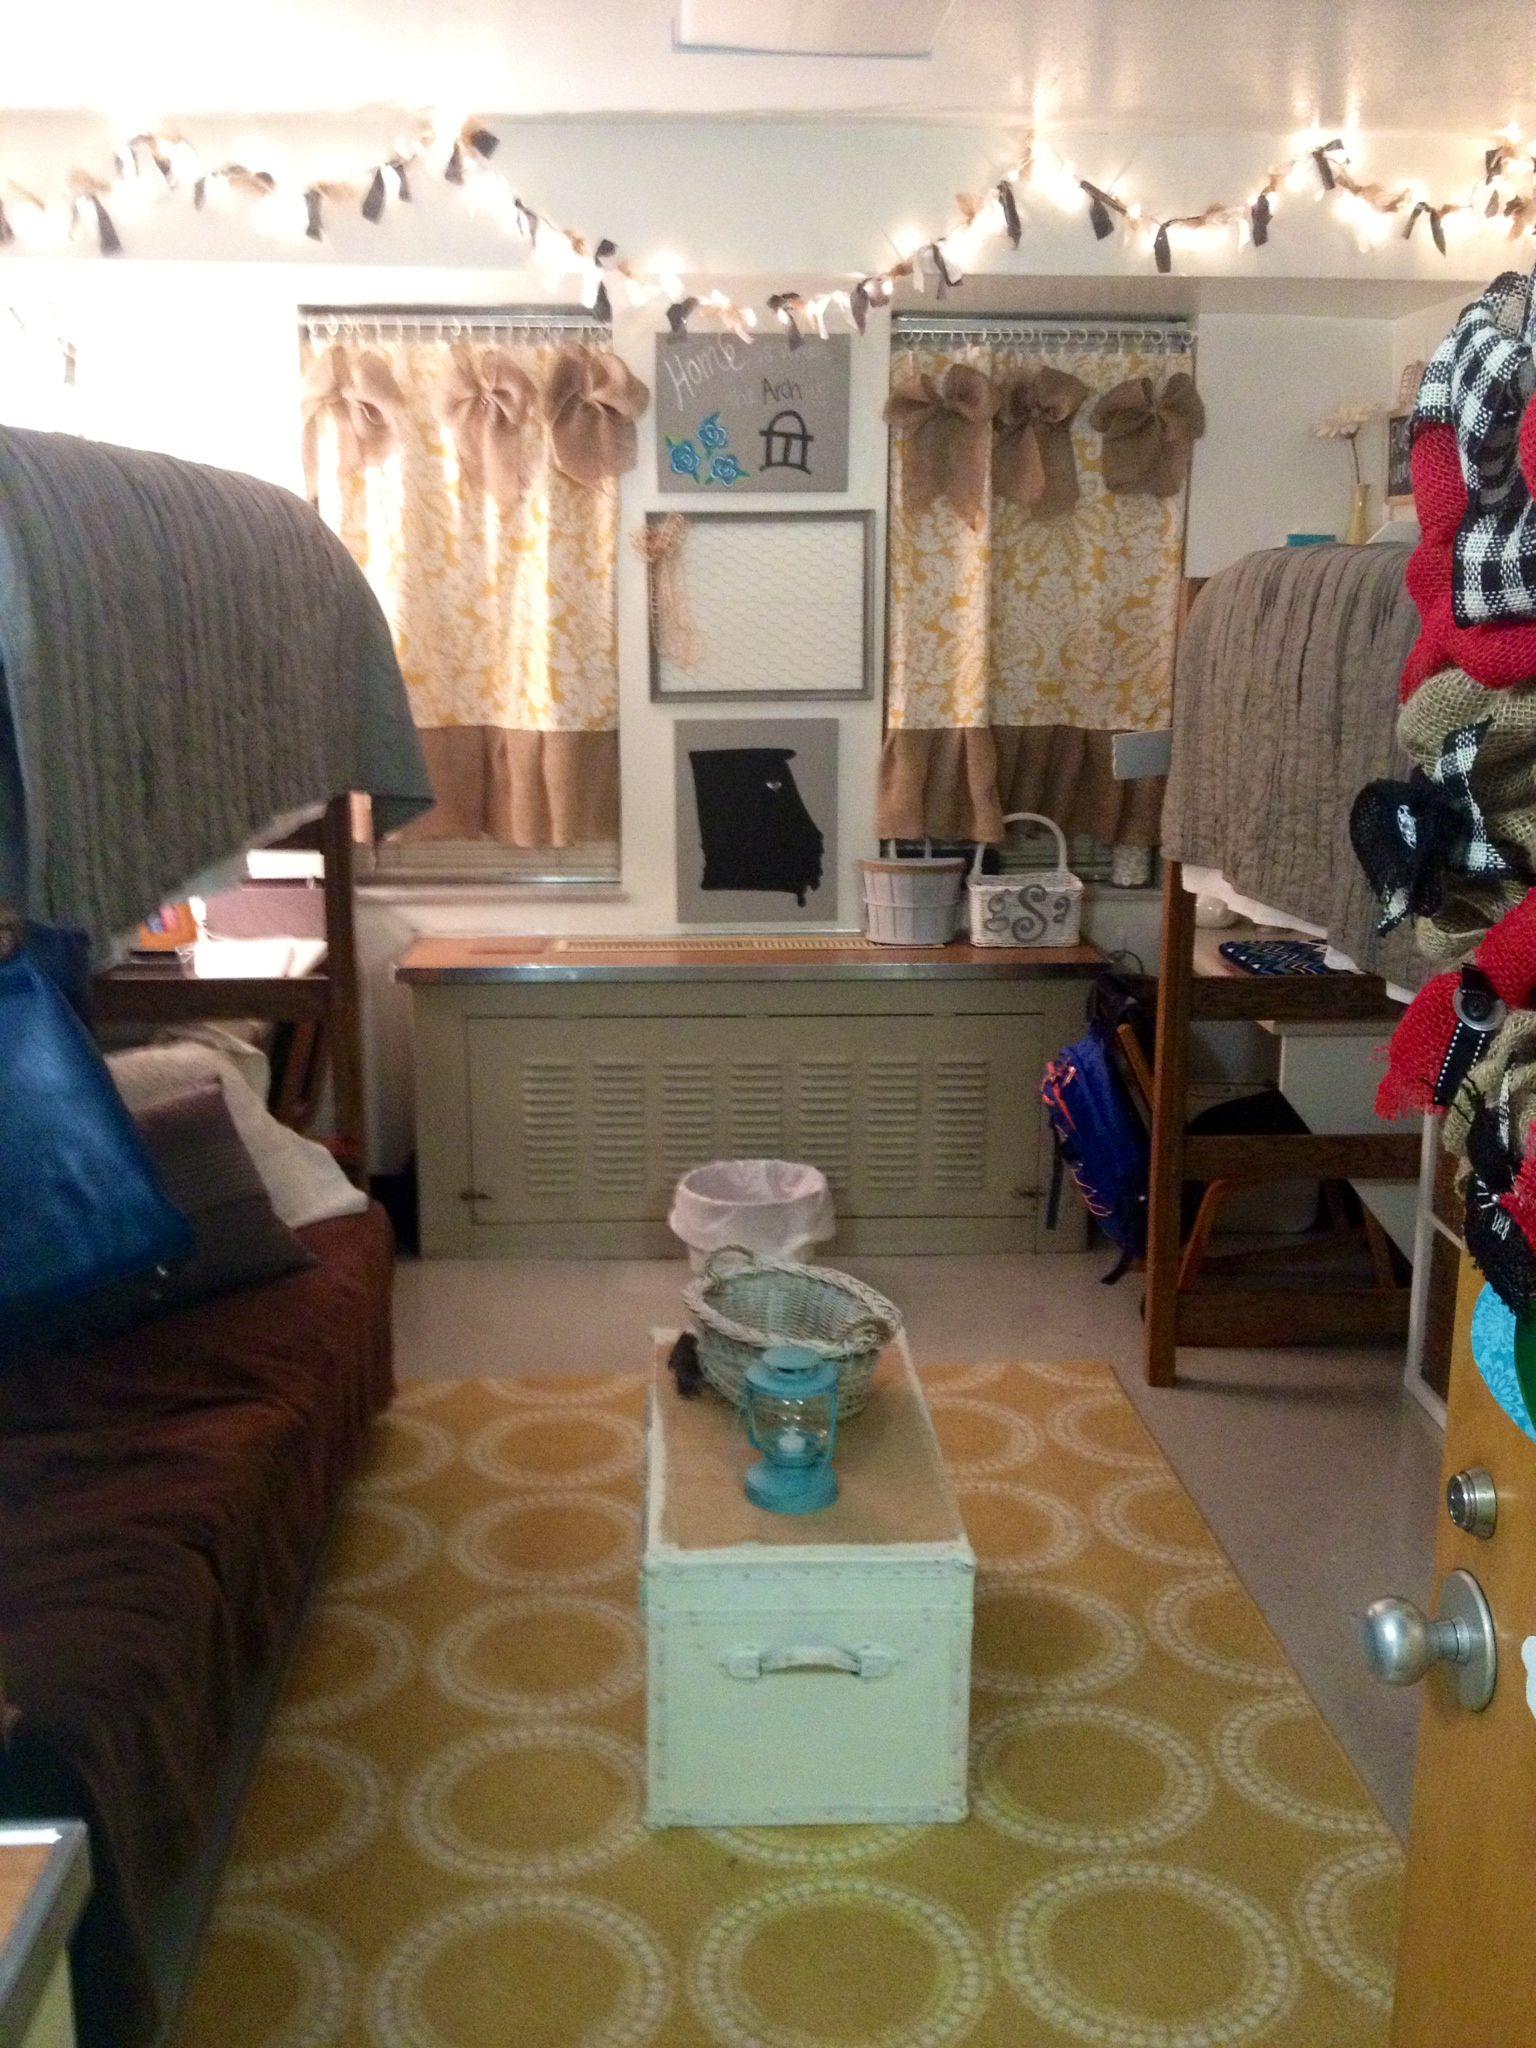 Dorm Decor Ideas With Images Uga Dorm Dorm Decorations Dorm Life